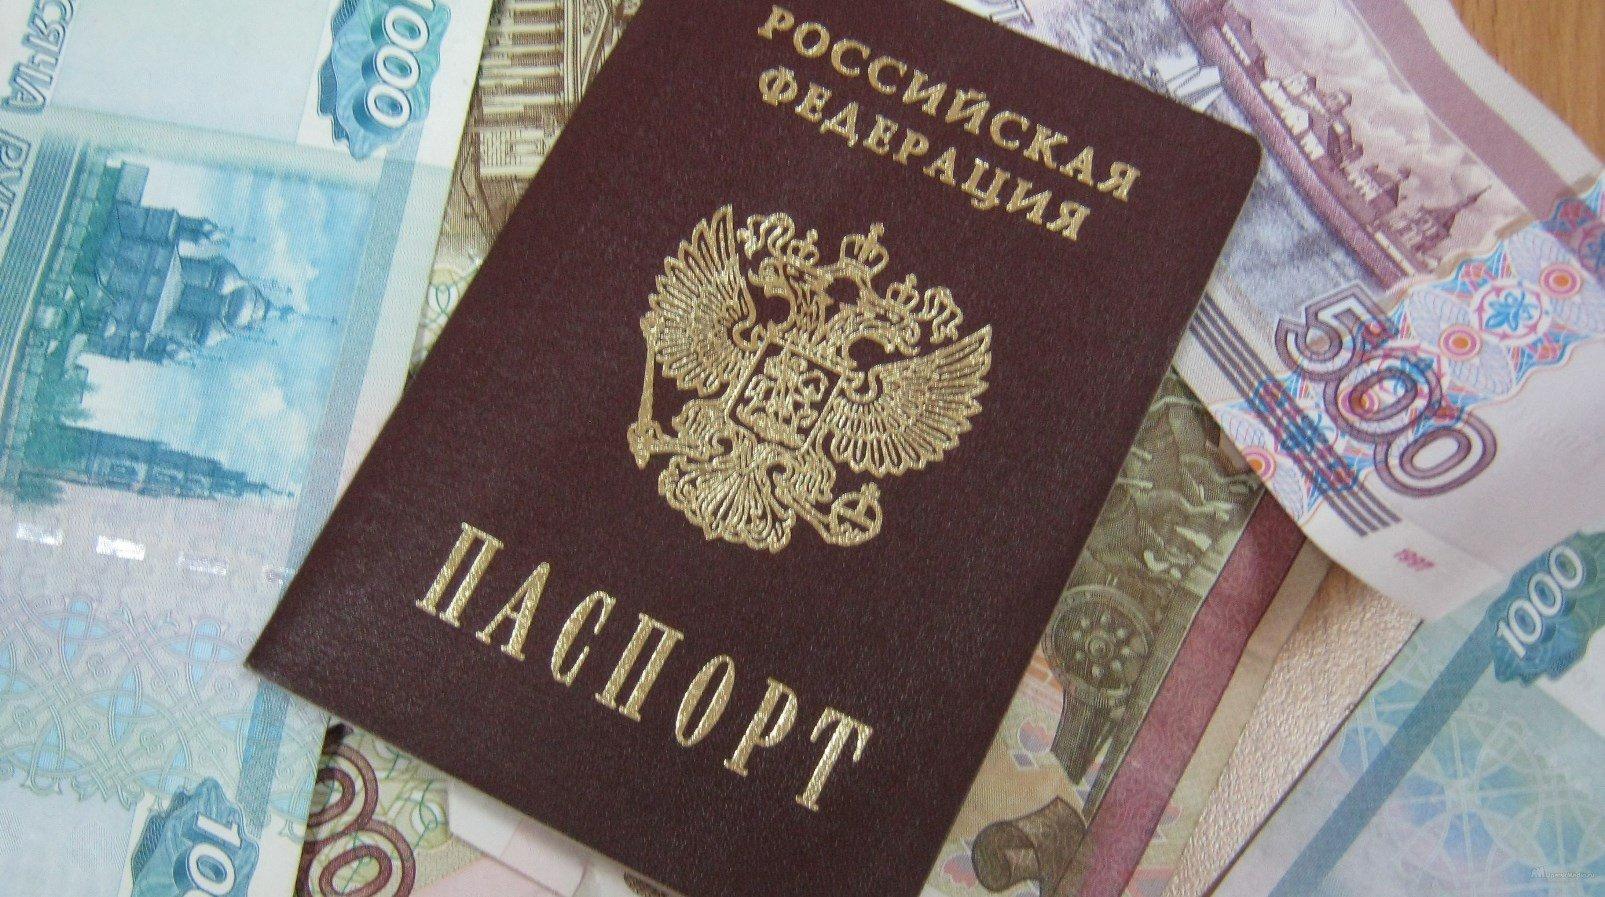 Взять онлайн кредит с помощью паспорта и ничего более чувствую здесь